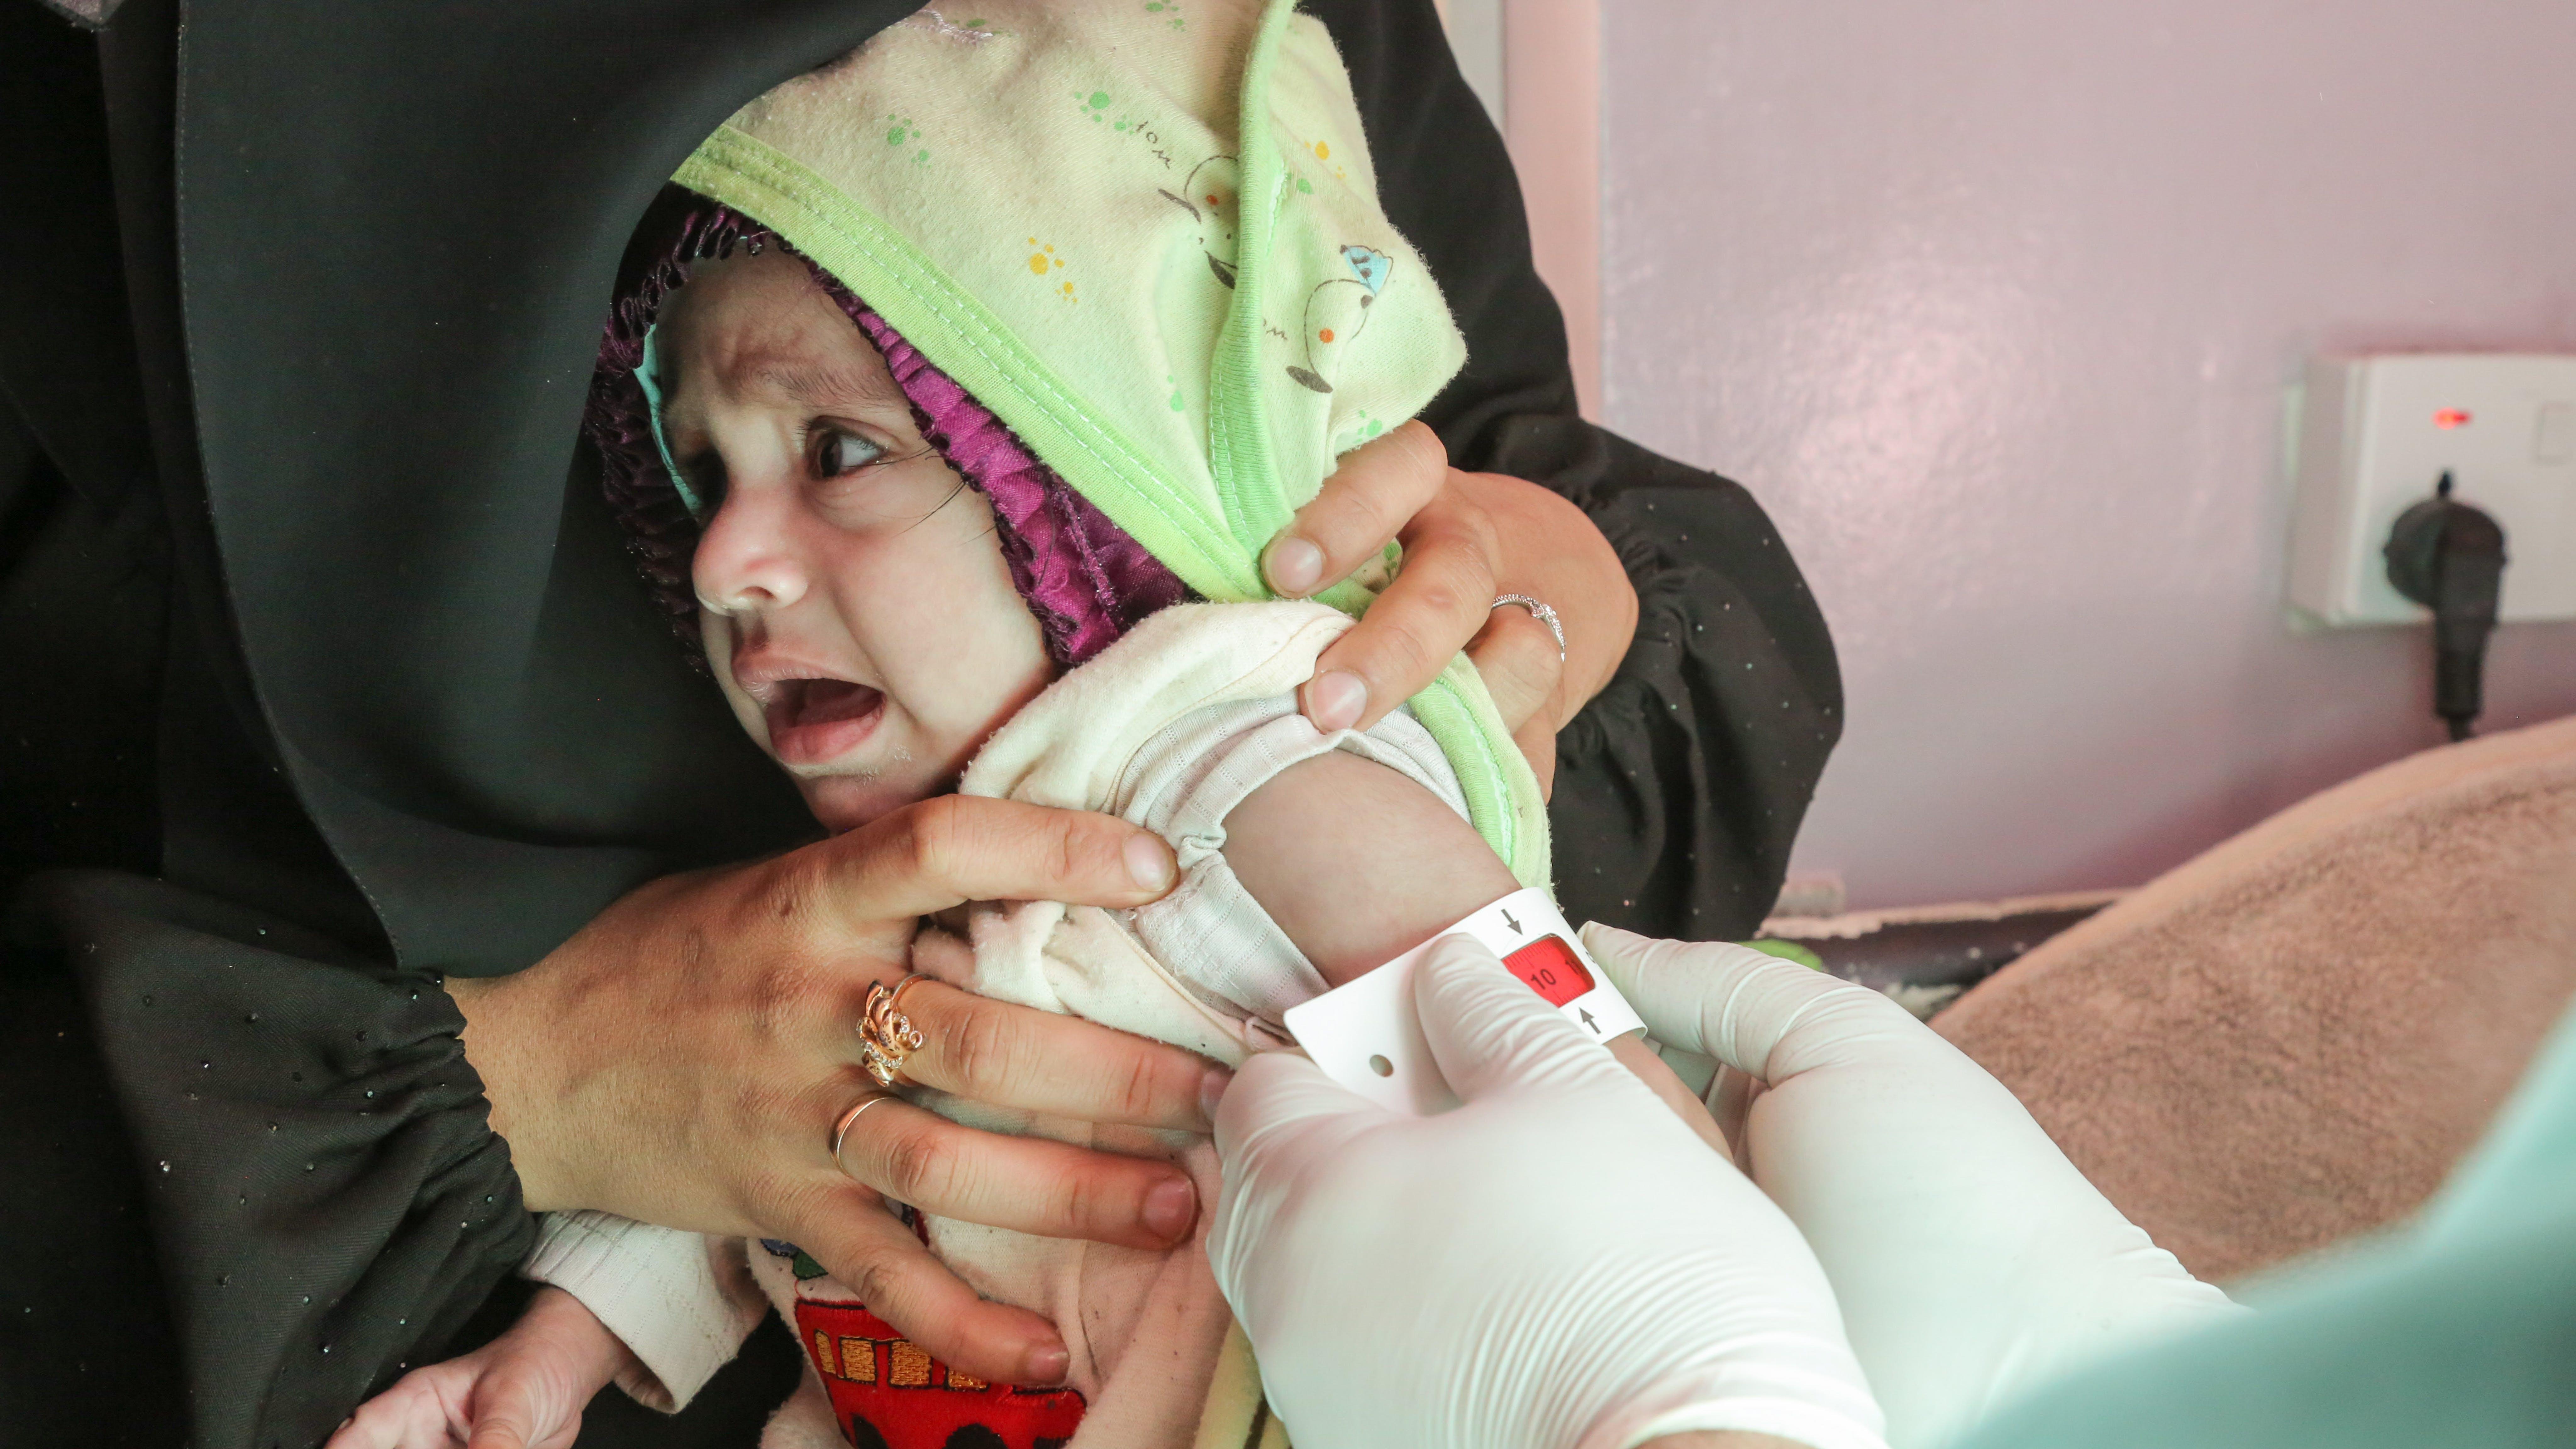 La piccola bambina Rawabi Mutahar Ahmed Hassan, 7 mesi, mentre le viene misurata la circonferenza del braccio (MUAC) per determinare se è gravemente malnutrita, presso l'ospedale Al-Sabeen sostenuto dall'UNICEF a Sana'a, nello Yemen.